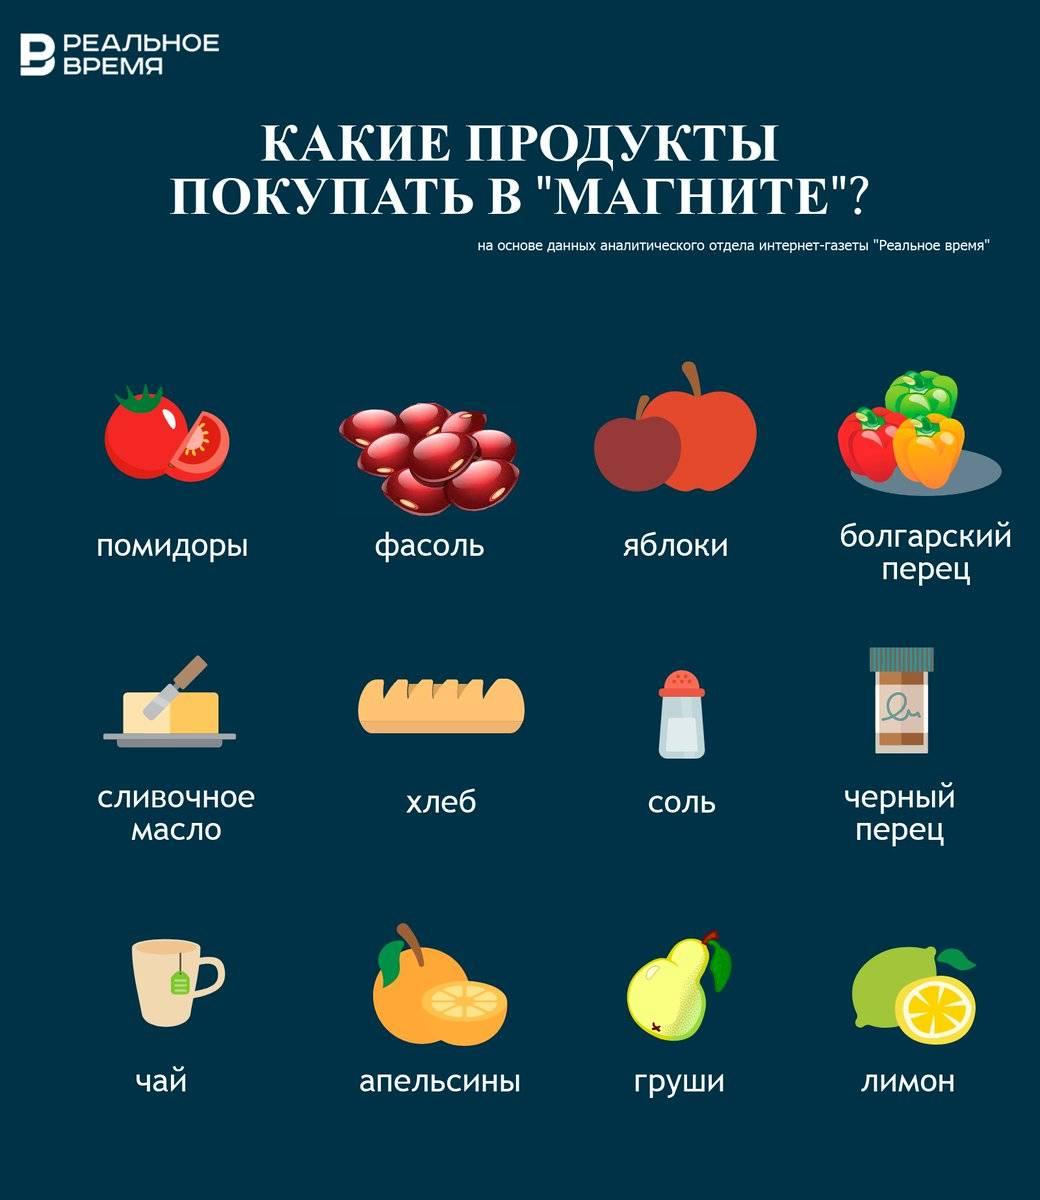 Цены в сербии на недвижимость, продукты, основные товары и услуги